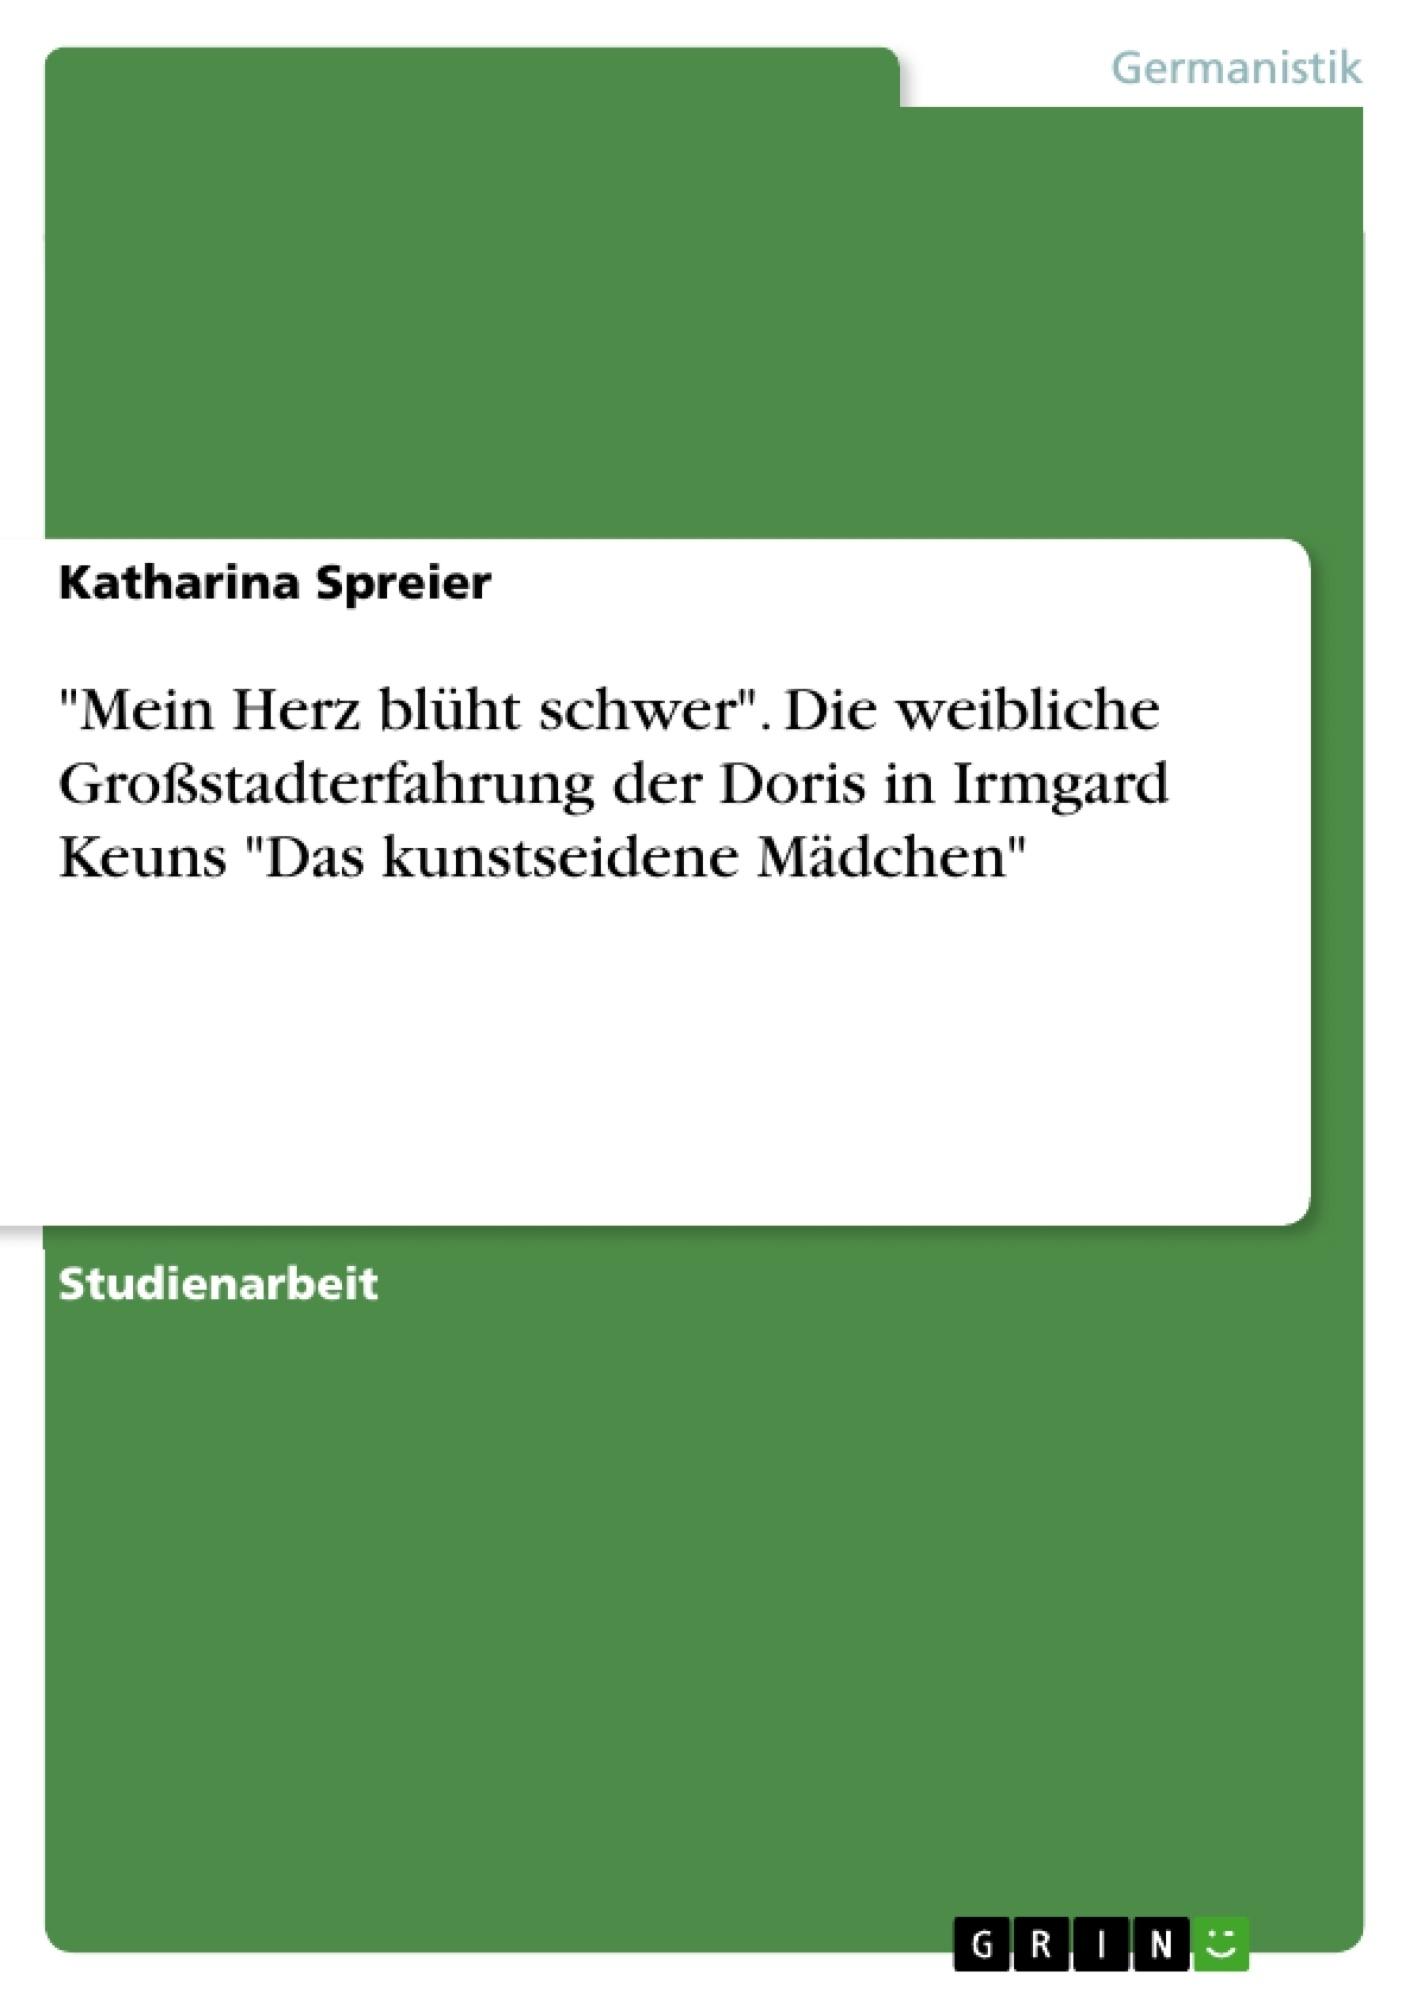 """Titel: """"Mein Herz blüht schwer"""". Die weibliche Großstadterfahrung der Doris in Irmgard Keuns """"Das kunstseidene Mädchen"""""""